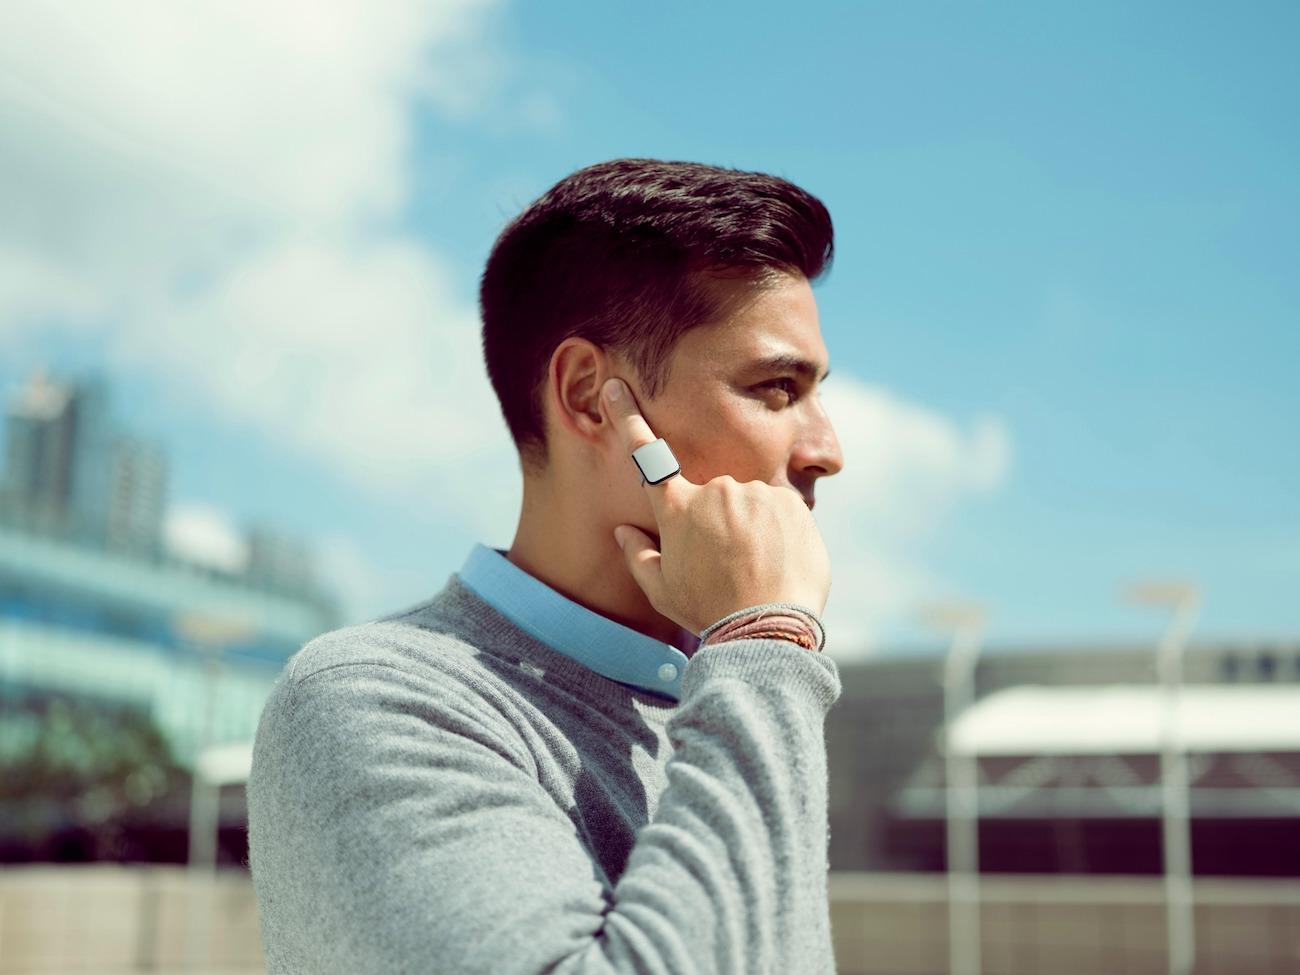 Гарнитура для смартфона в виде кольца на палец